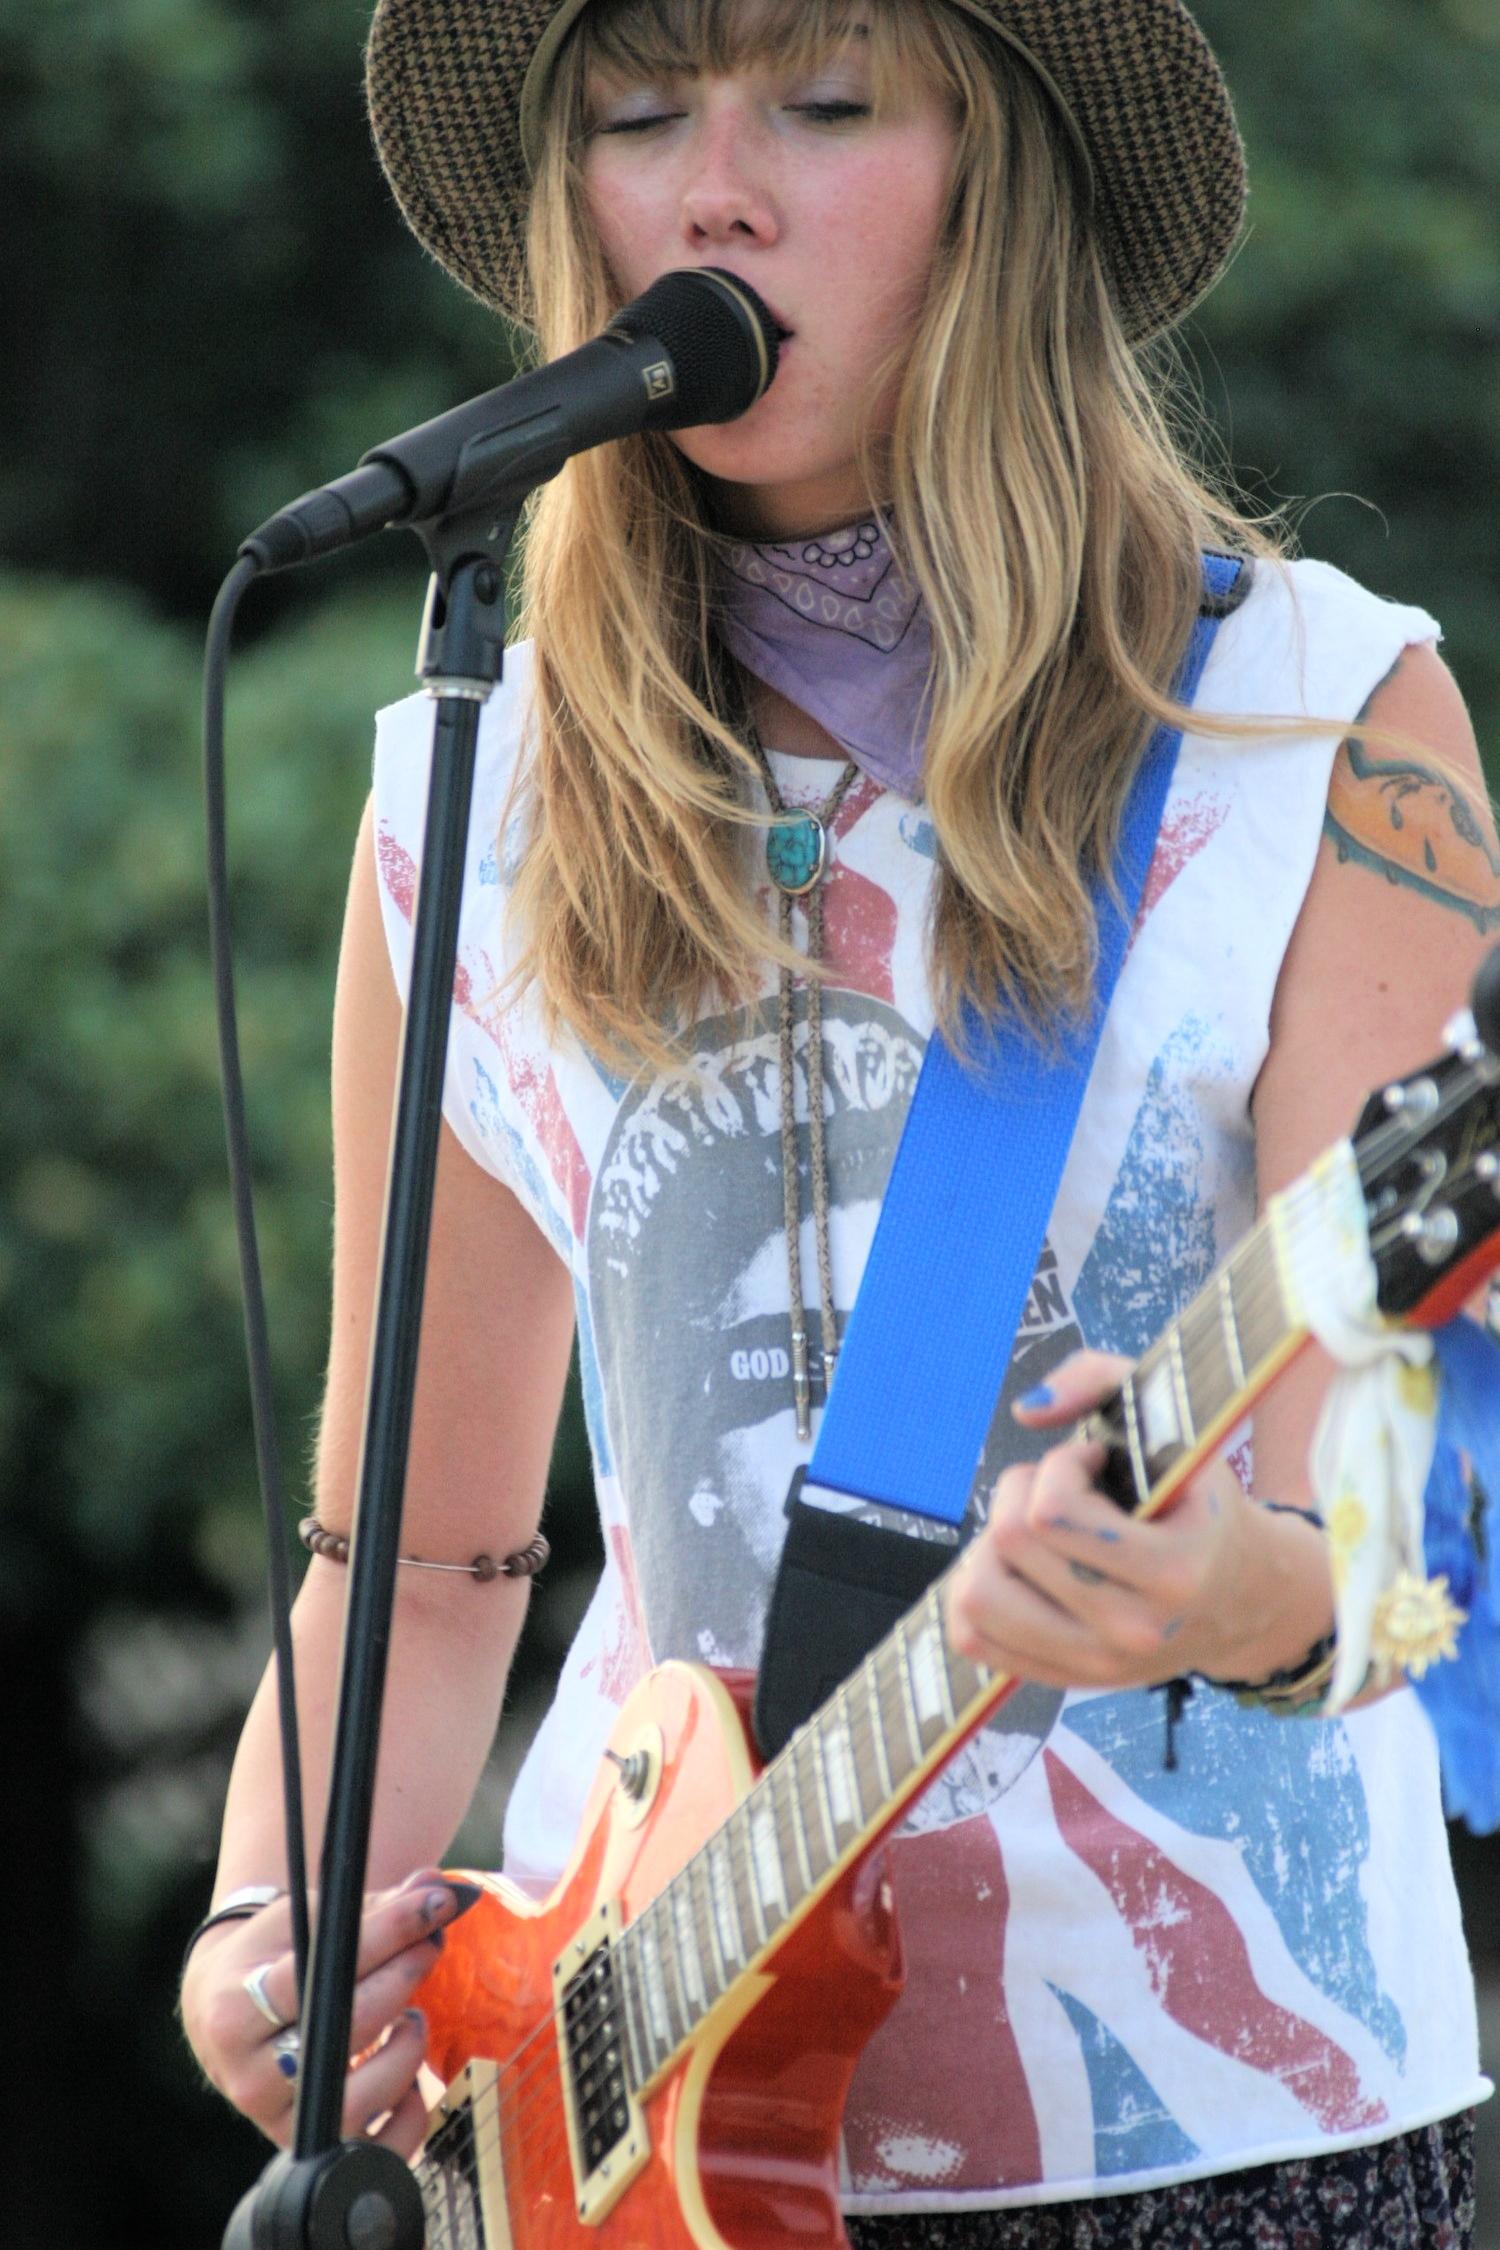 Chloe Katerndahl